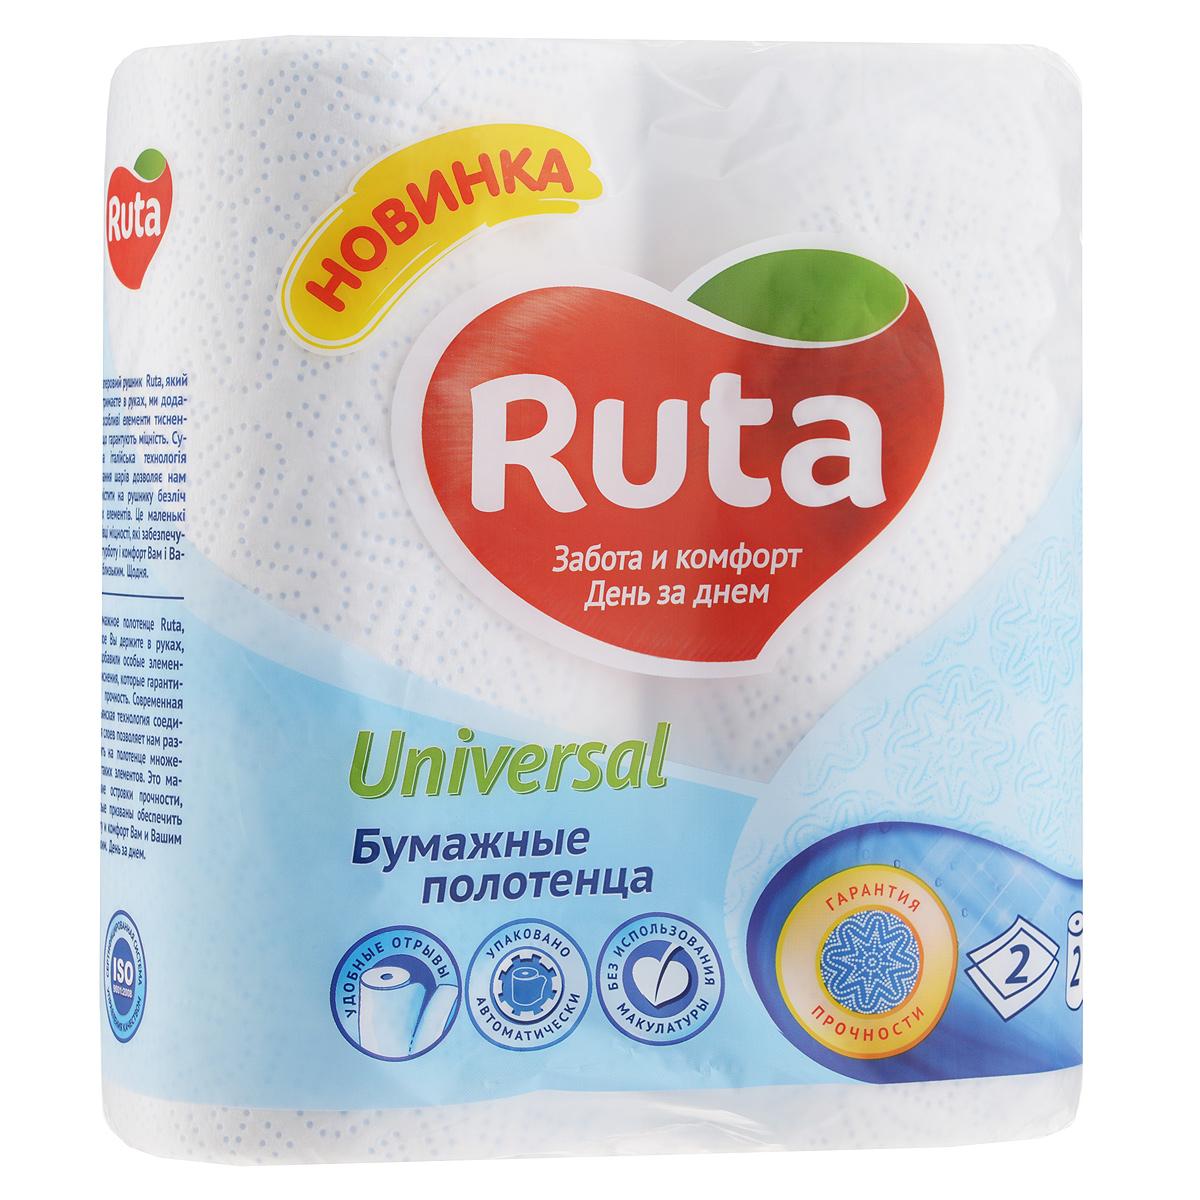 Полотенца кухонные бумажные Ruta Universal, двухслойные, цвет: белый, голубой, 2 рулона14029Кухонные бумажные полотенца Ruta Universal прекрасно подойдут для использования на кухне. В комплекте - 2 рулона двухслойных полотенец с тиснением. Полотенца мягкие, но в тоже время прочные, с отрывом по линии перфорации. Особенности полотенец: - не оставляют разводов на гладких и стеклянных поверхностях, - идеально впитывают влагу, - отлично впитывают жир, - подходят для ухода за домашними животными, бытовой техникой, автомобилем. Товар сертифицирован.